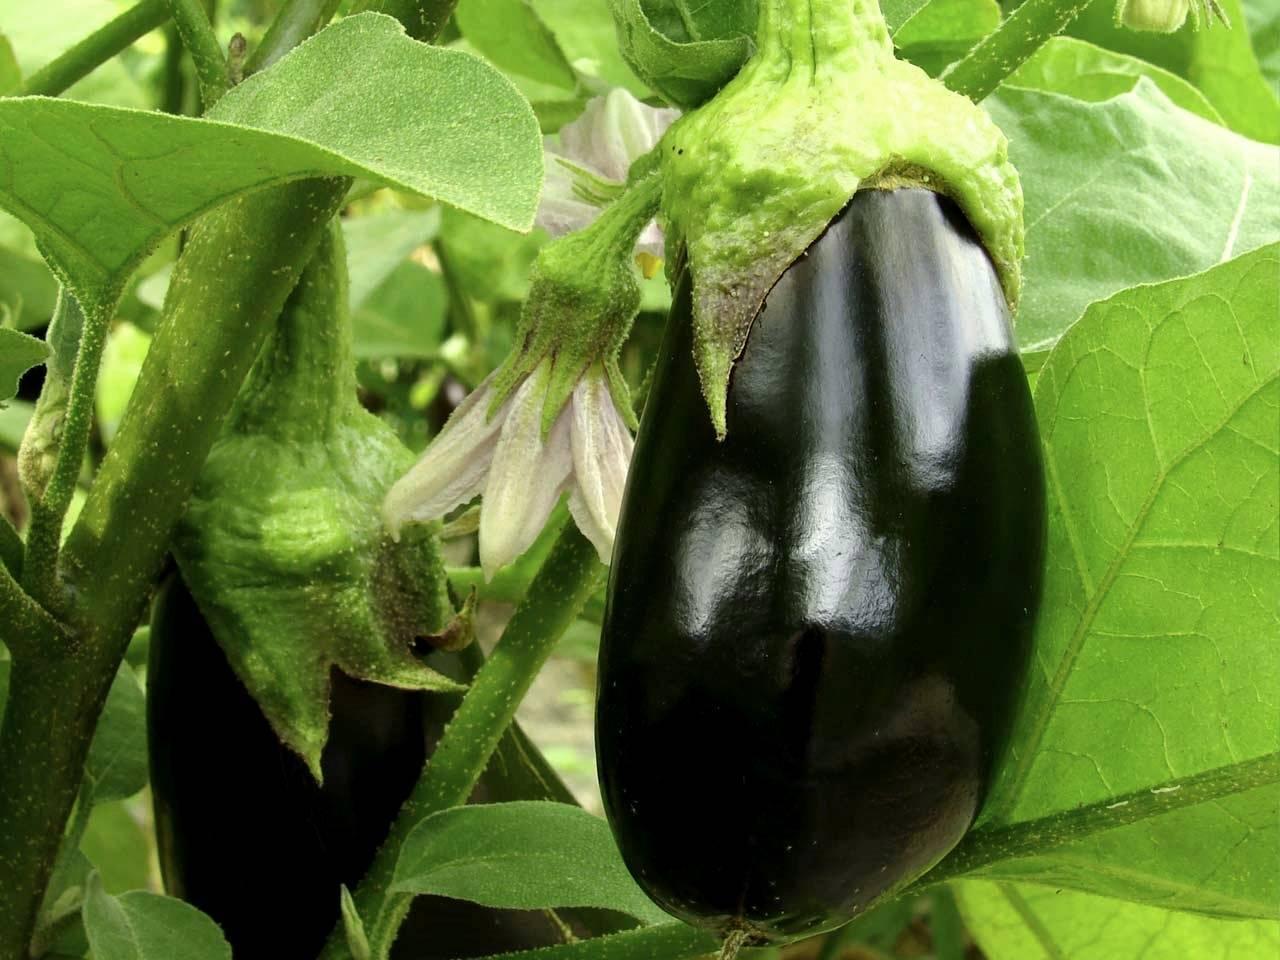 Удобрение для баклажанов. чем подкармливать баклажаны для роста